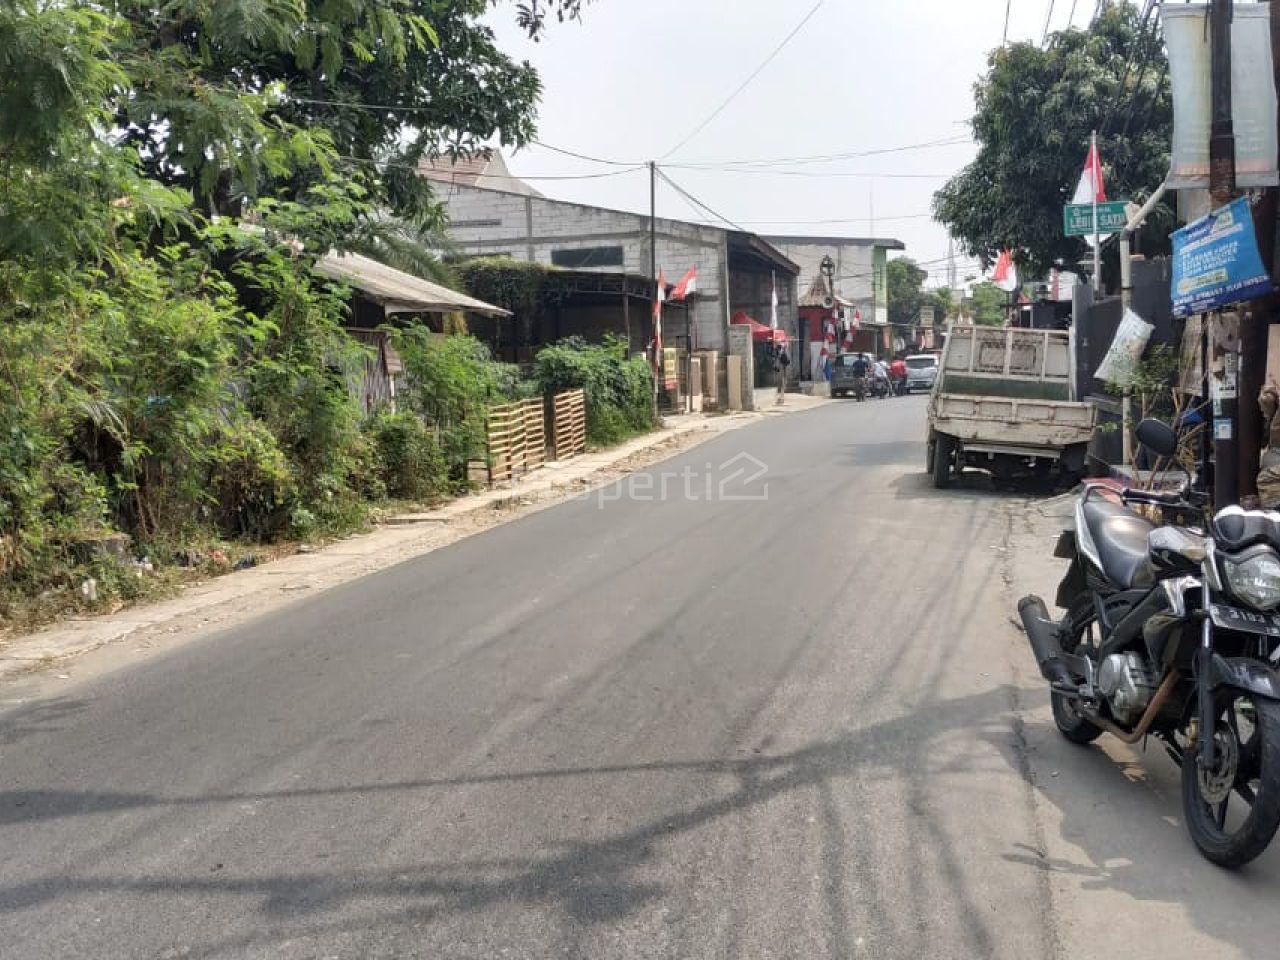 Lahan Peruntukan Perumahan dan Ruko di Kota Tangerang, Banten